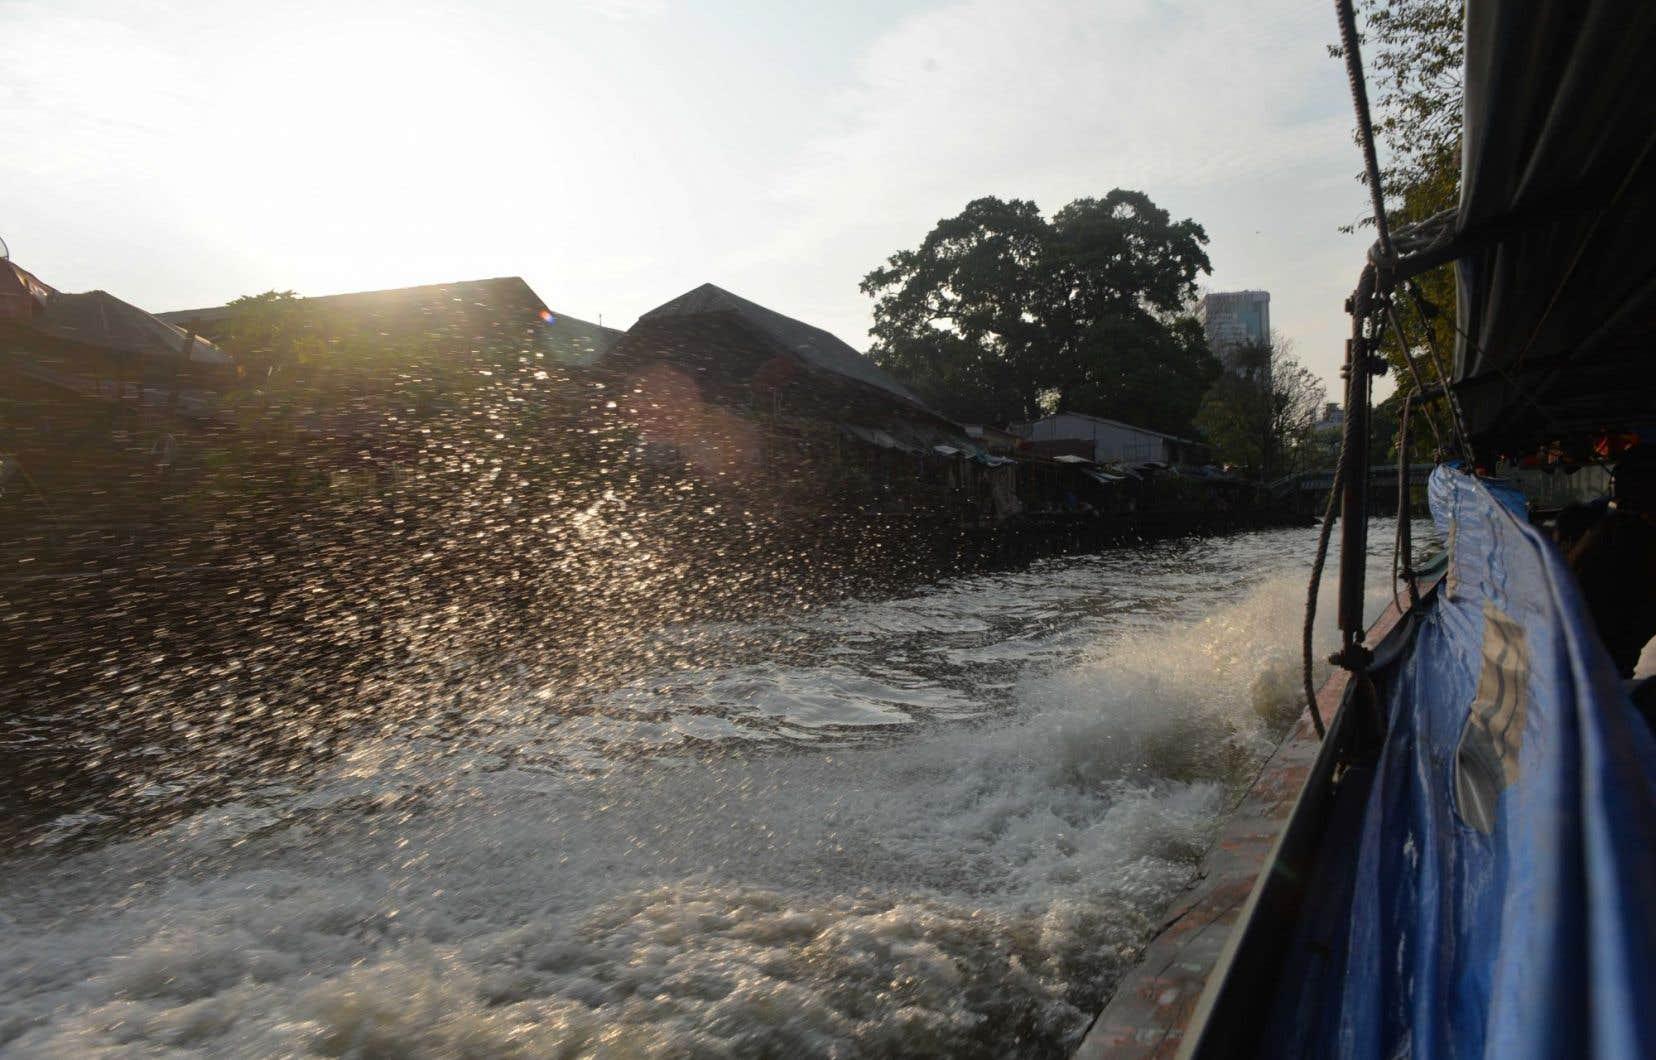 En barque-pirogue sur les canaux de Bangkok, vers Chinatown. Éclats d'eau.